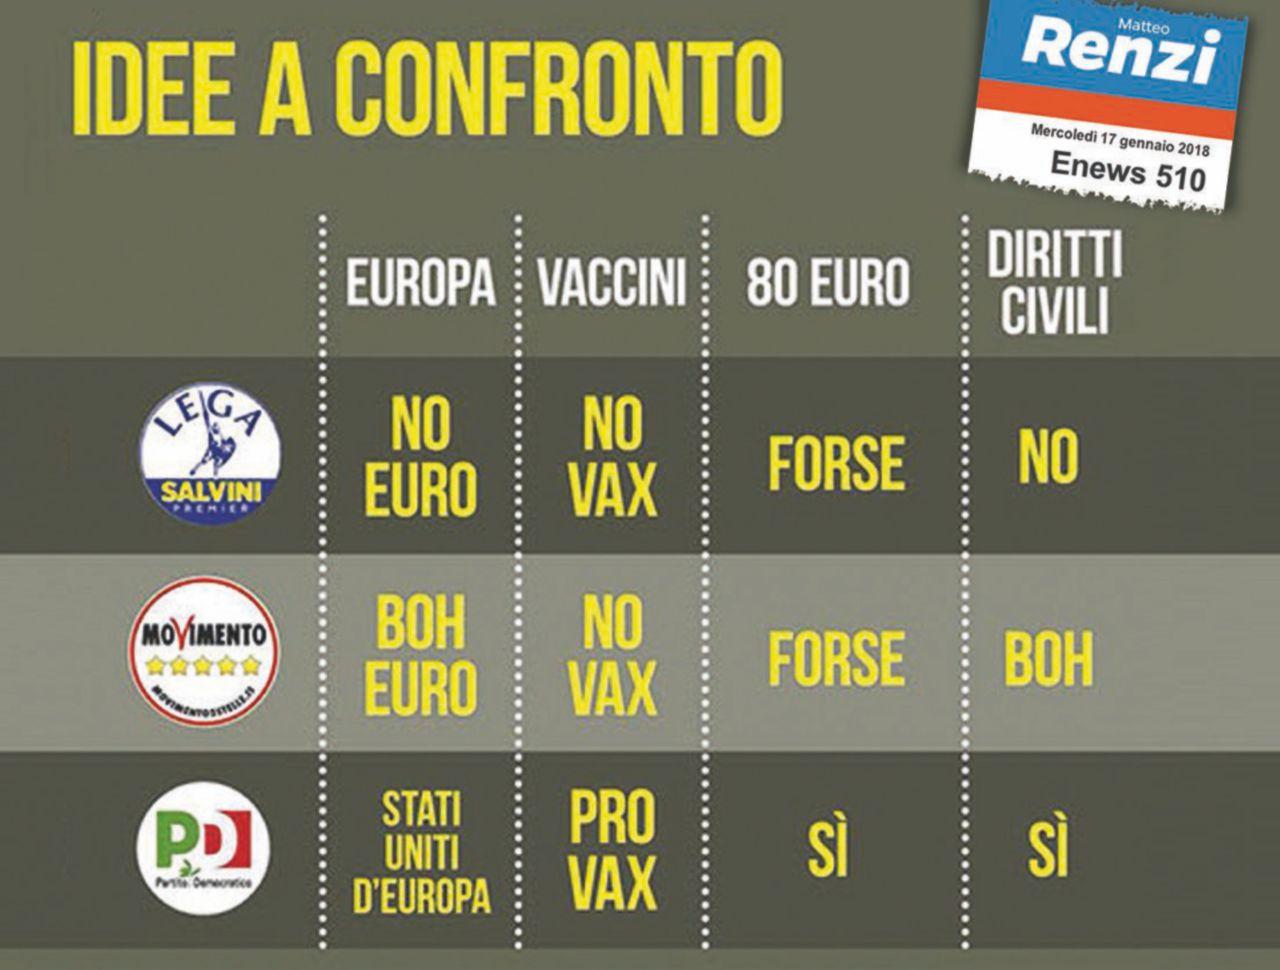 Renzi è ancora senza programma, ma va avanti con le deroghe